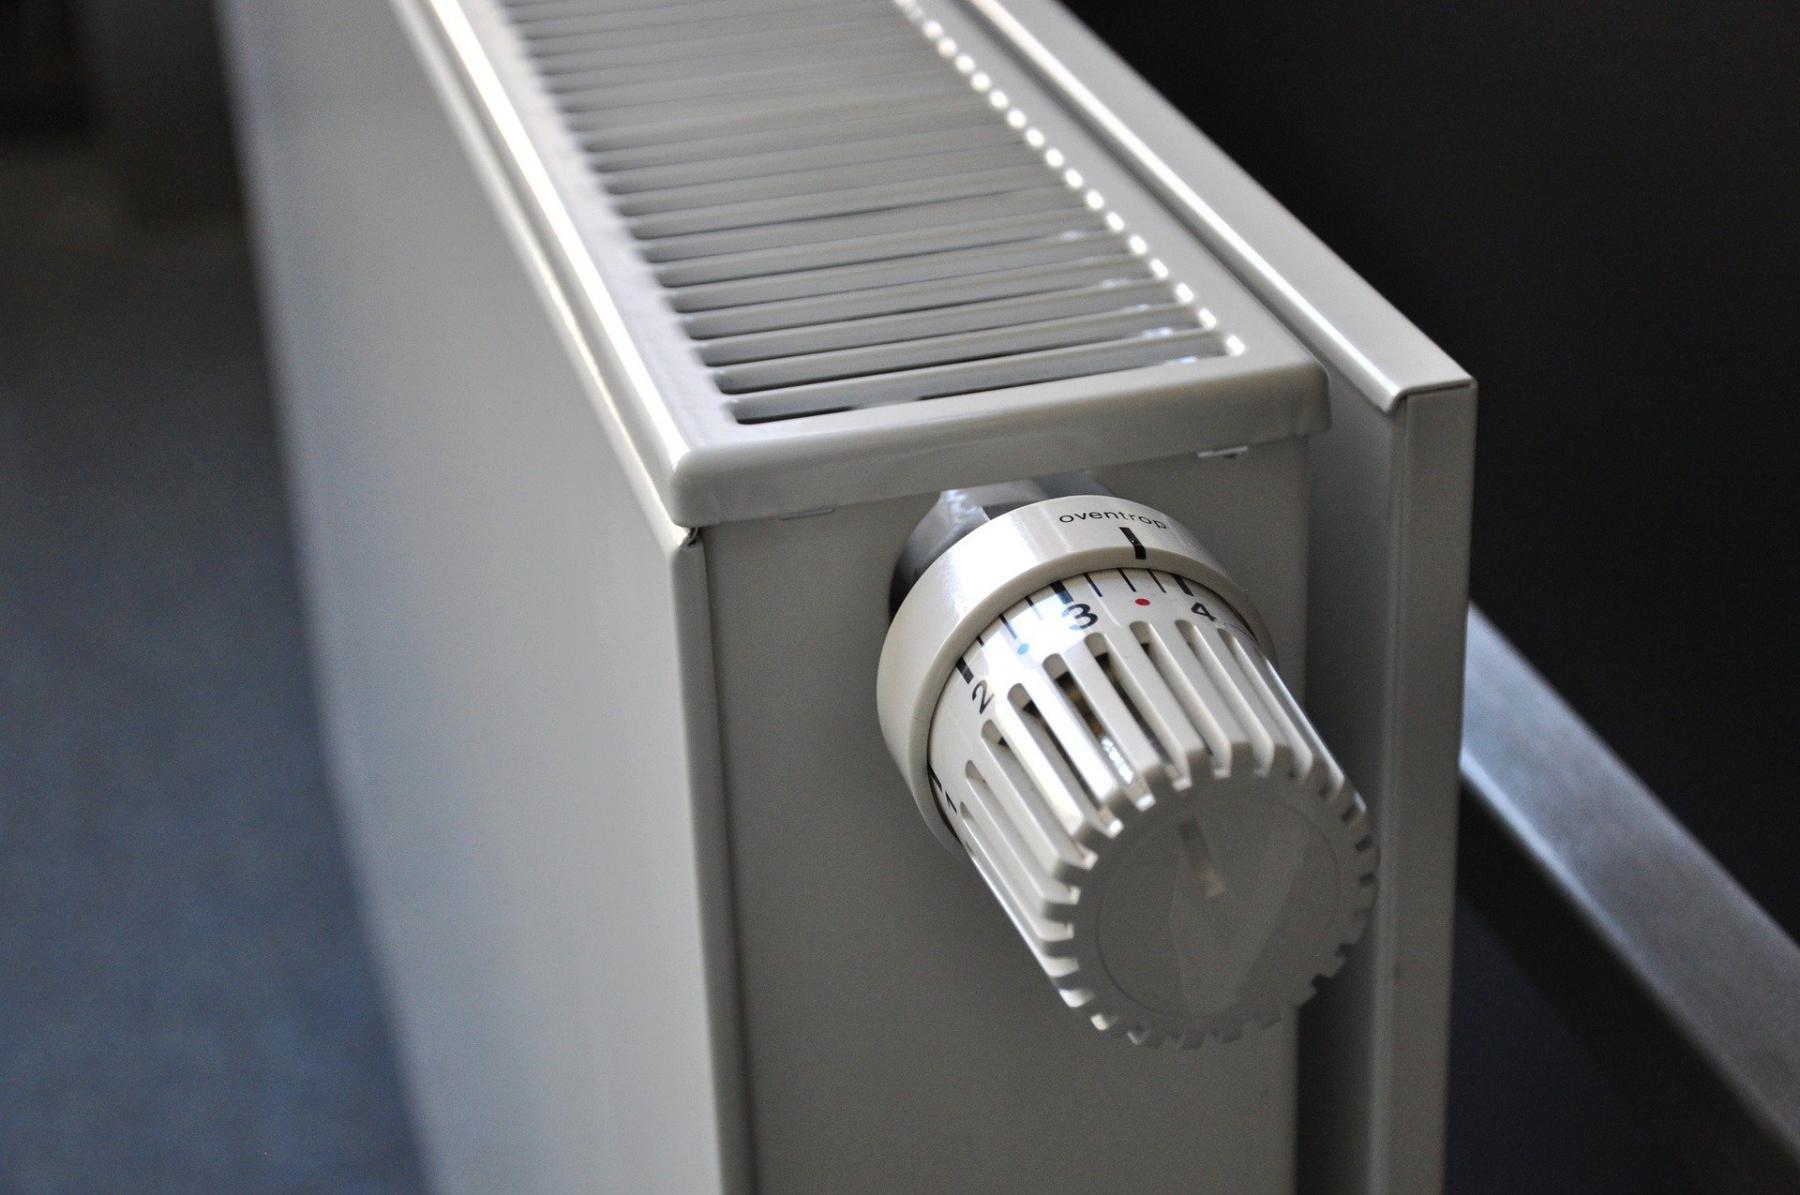 Фото Новосибирцам предложили выбрать дату подключения тепла в домах 2